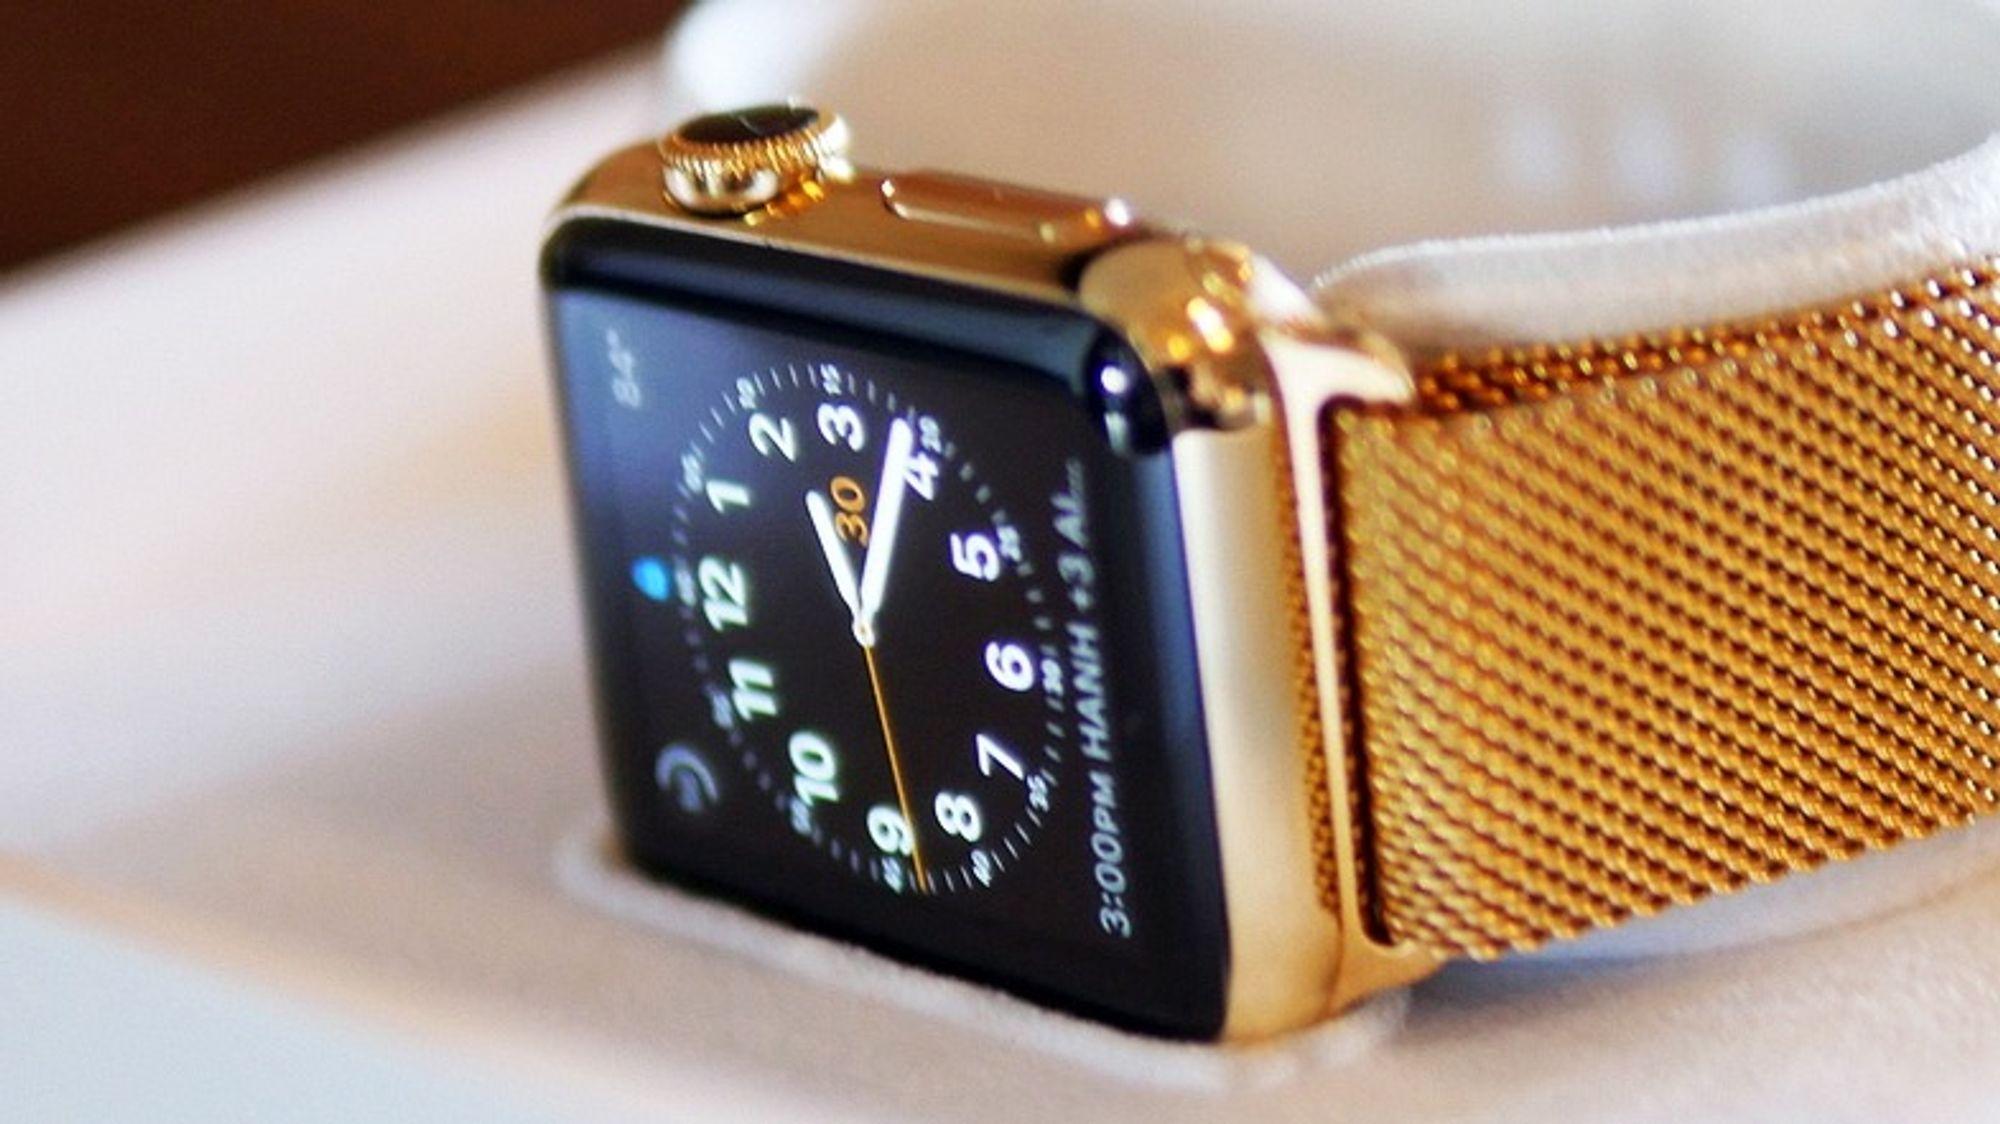 Slik ser en gullbelagt, vanlig, Apple watch ut etter behandlingen.